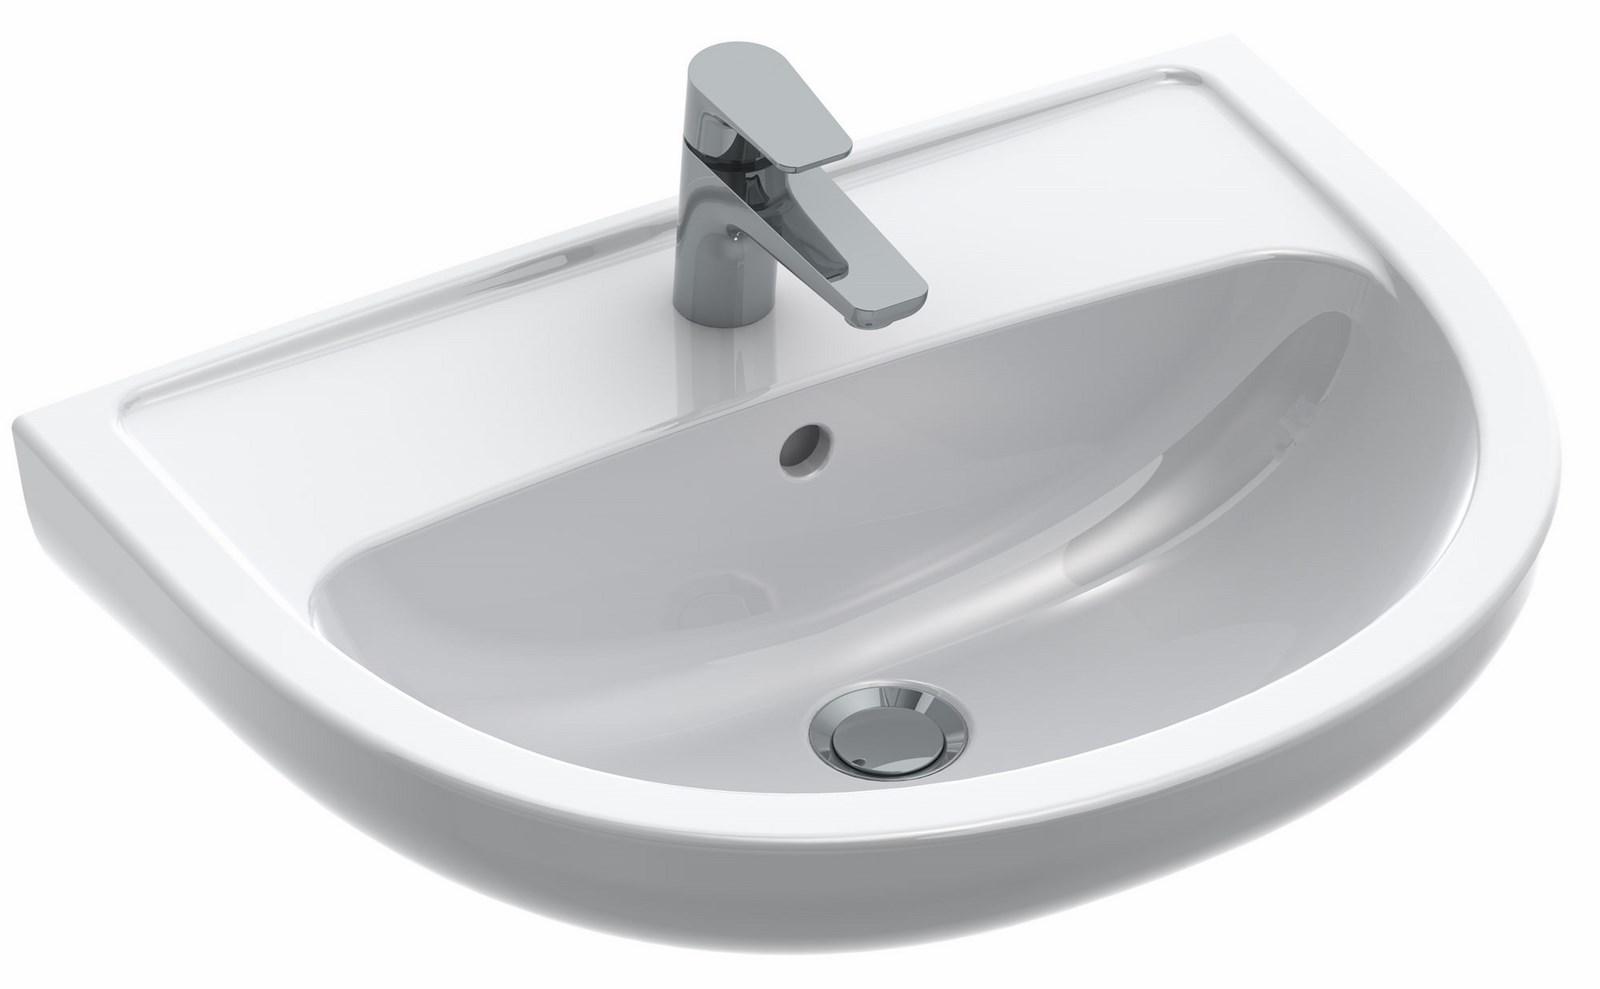 Lavabo volta plus villeroy et boch - Villeroy et boch salle de bains ...